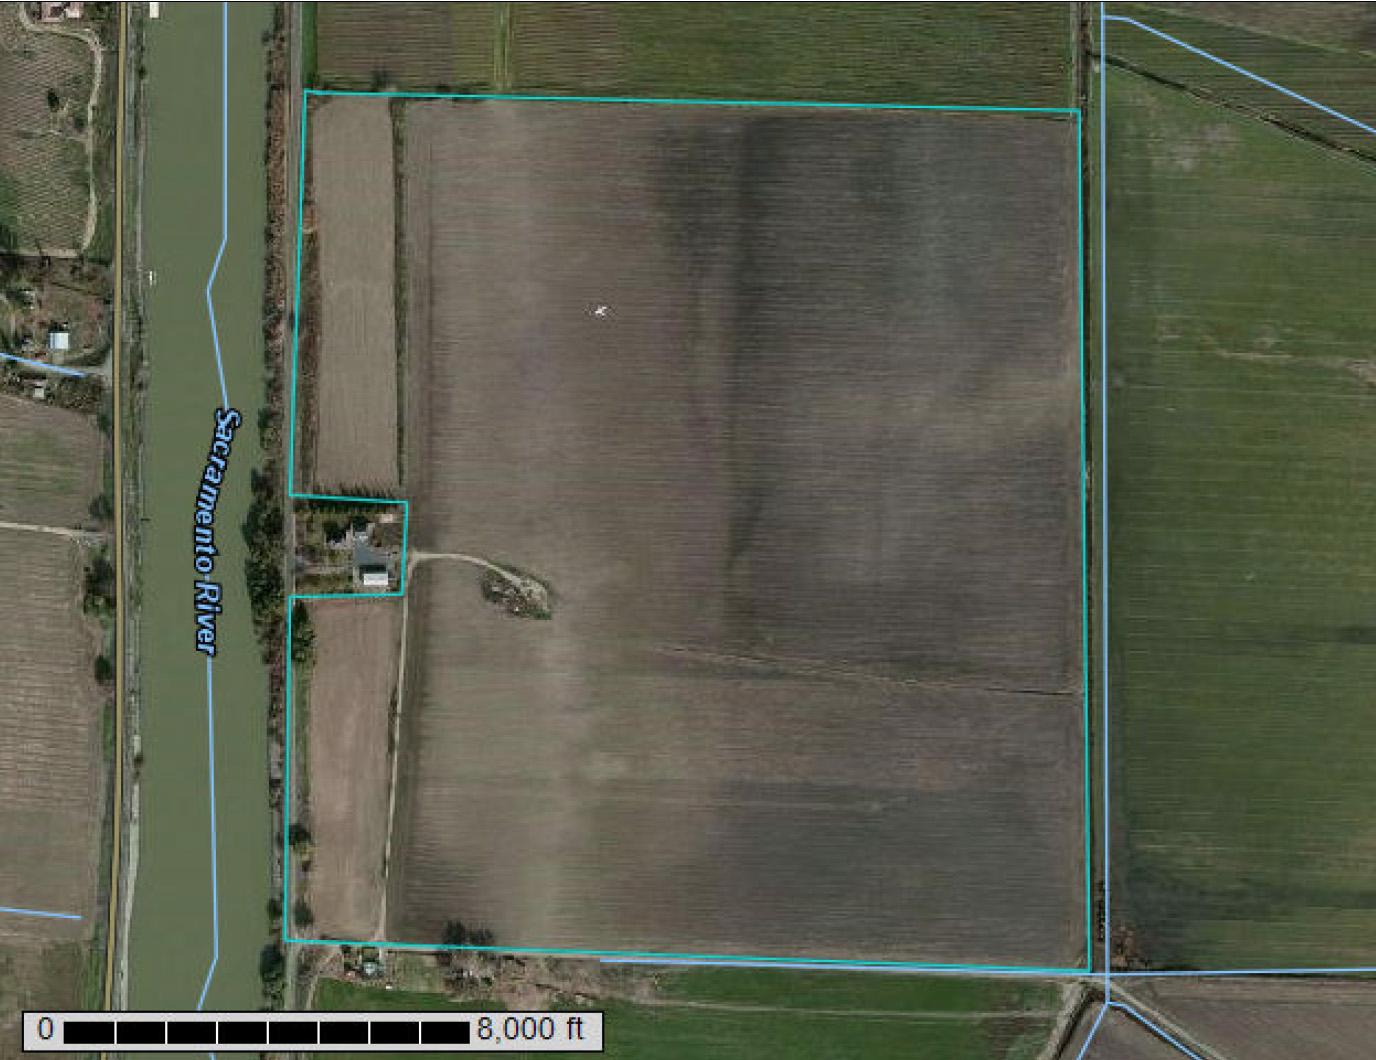 SoilMap1.jpg